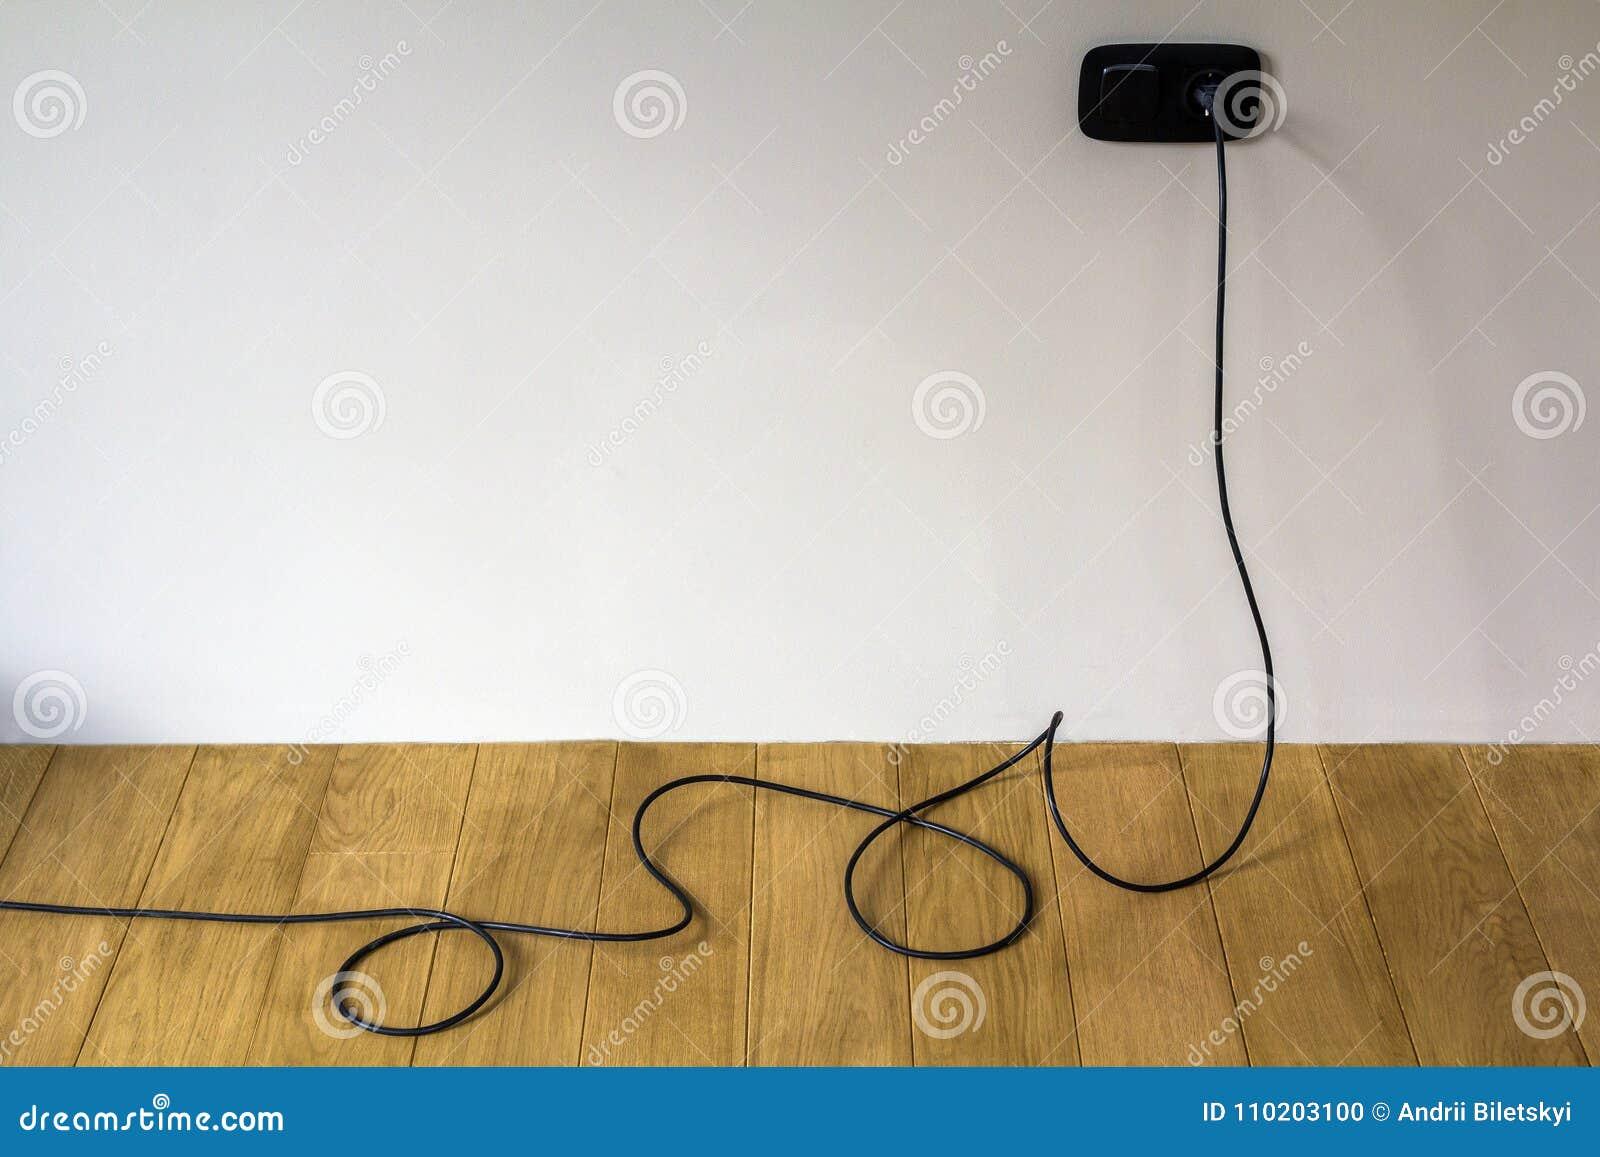 Ξύλινη σόμπα να συνδέσετε